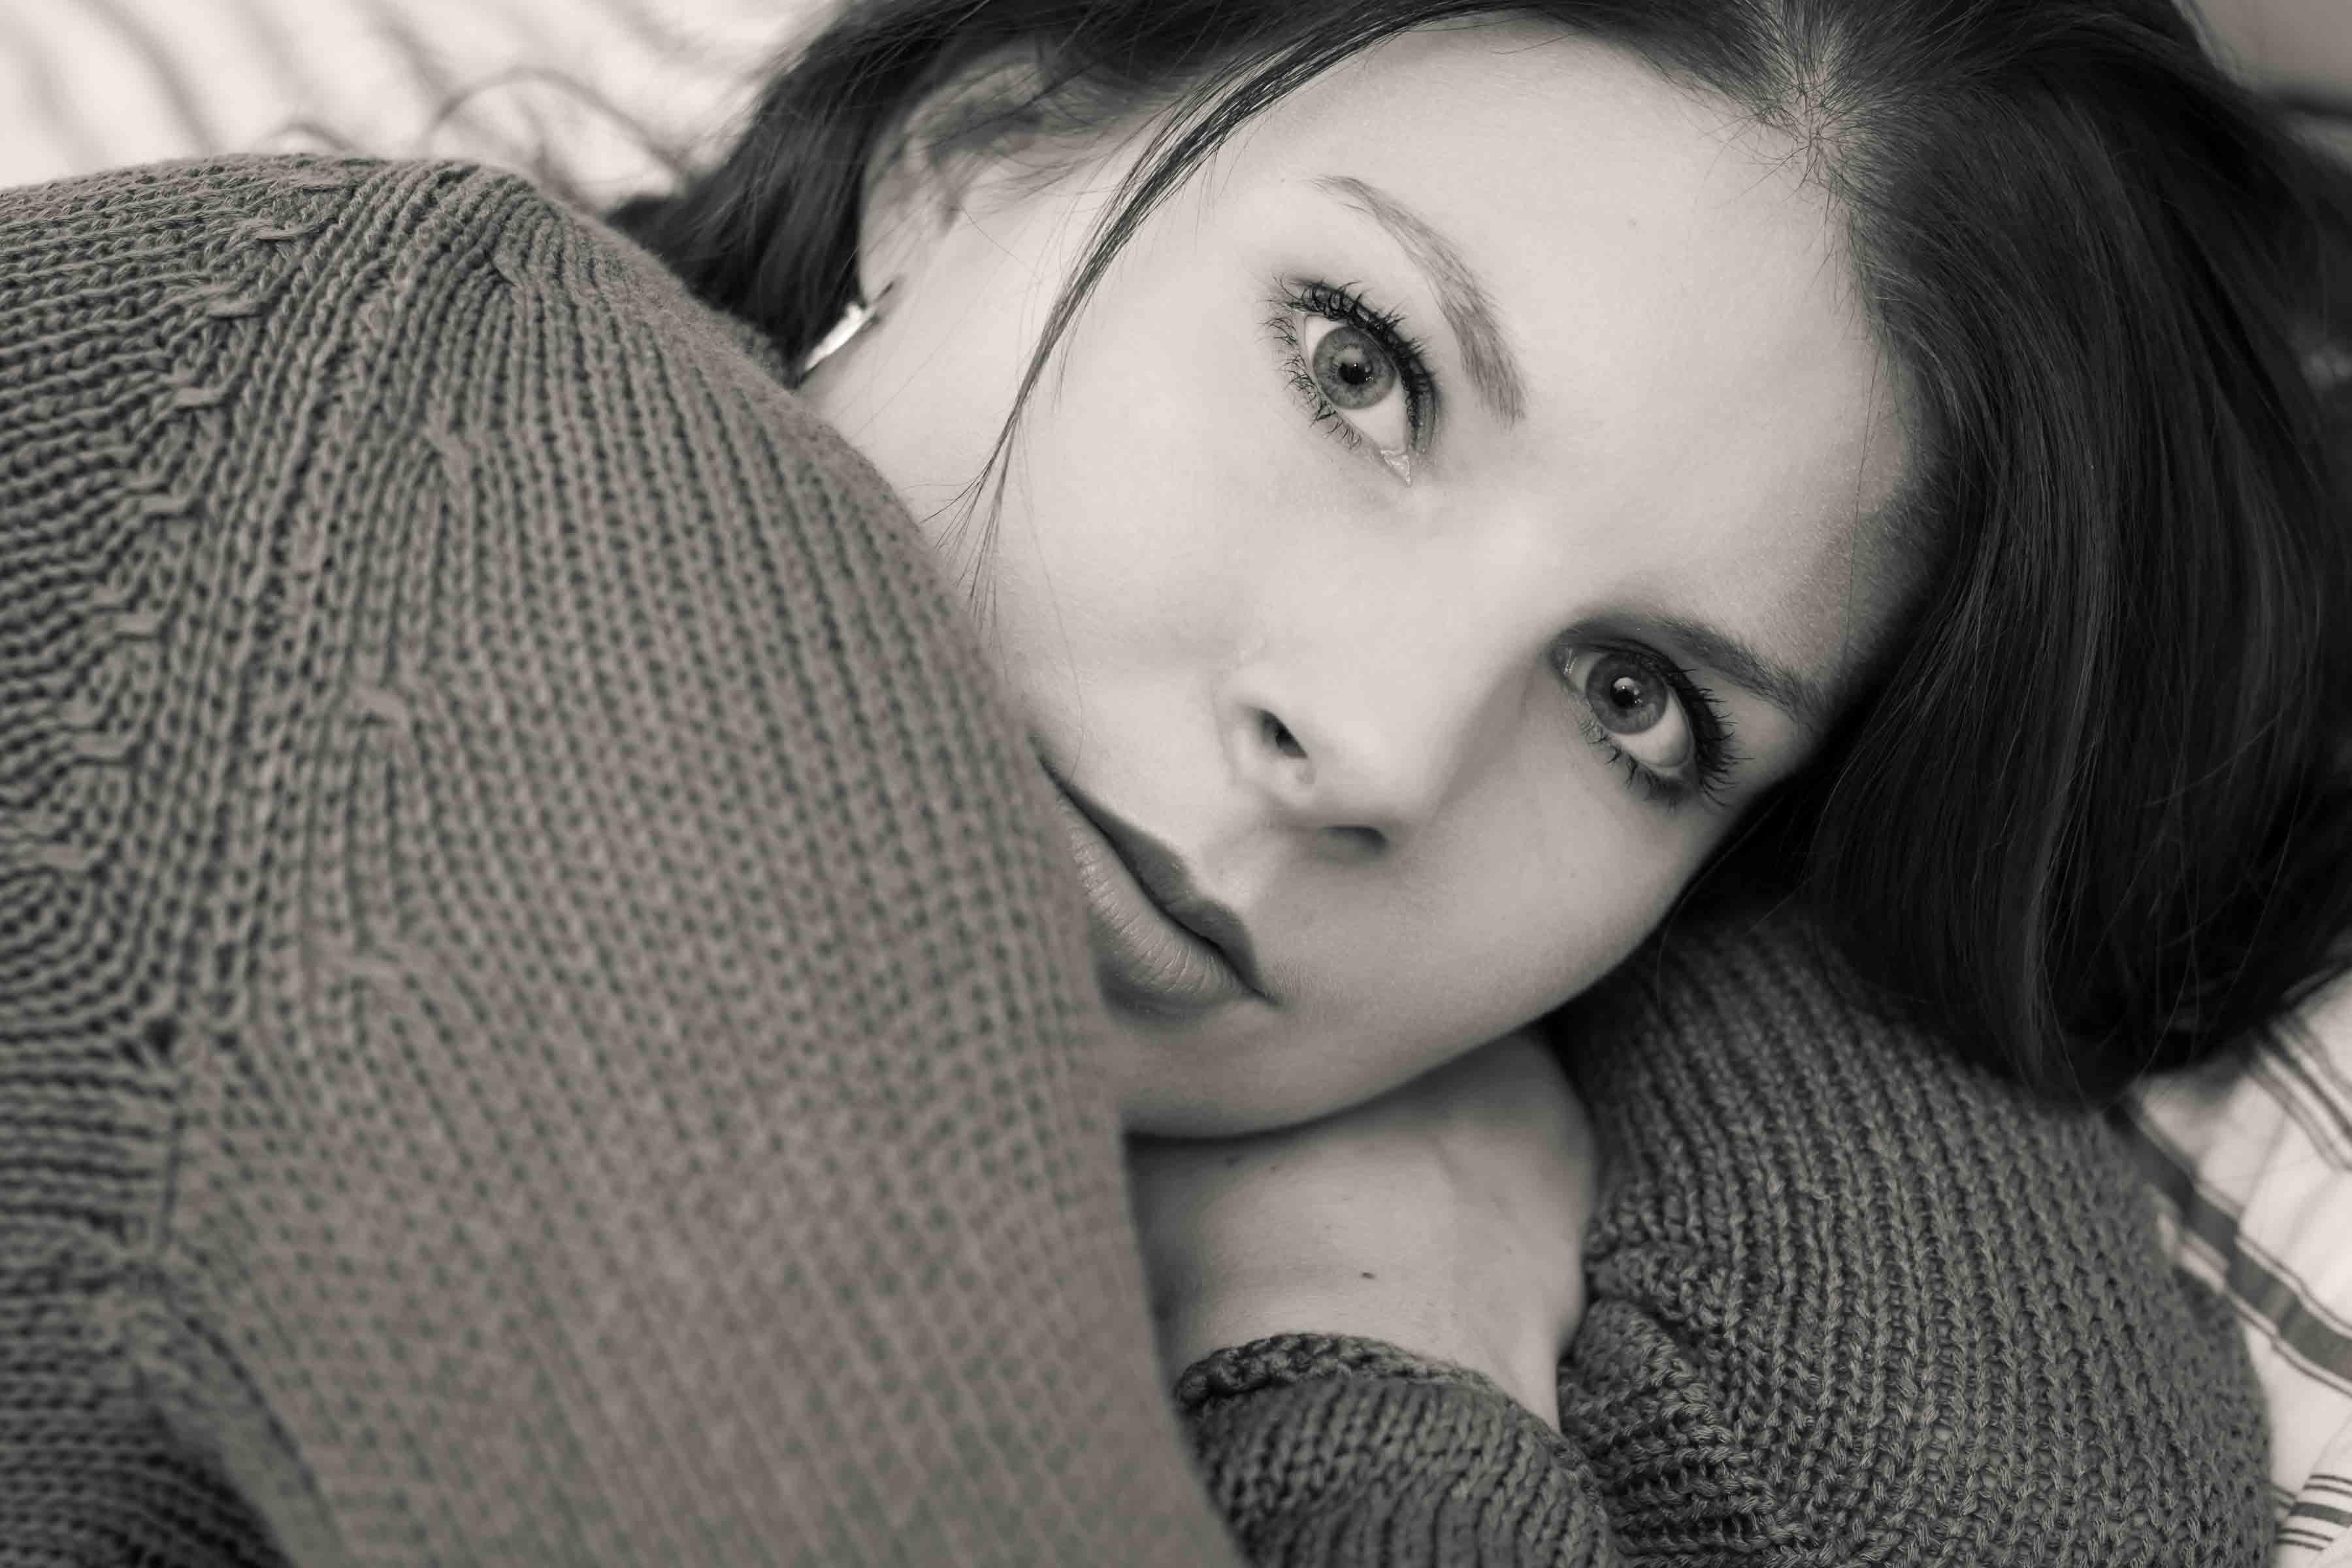 Schwarzweiß-Fotografie – Portraits sprechen auch ohne Farben IMG 5398-2w